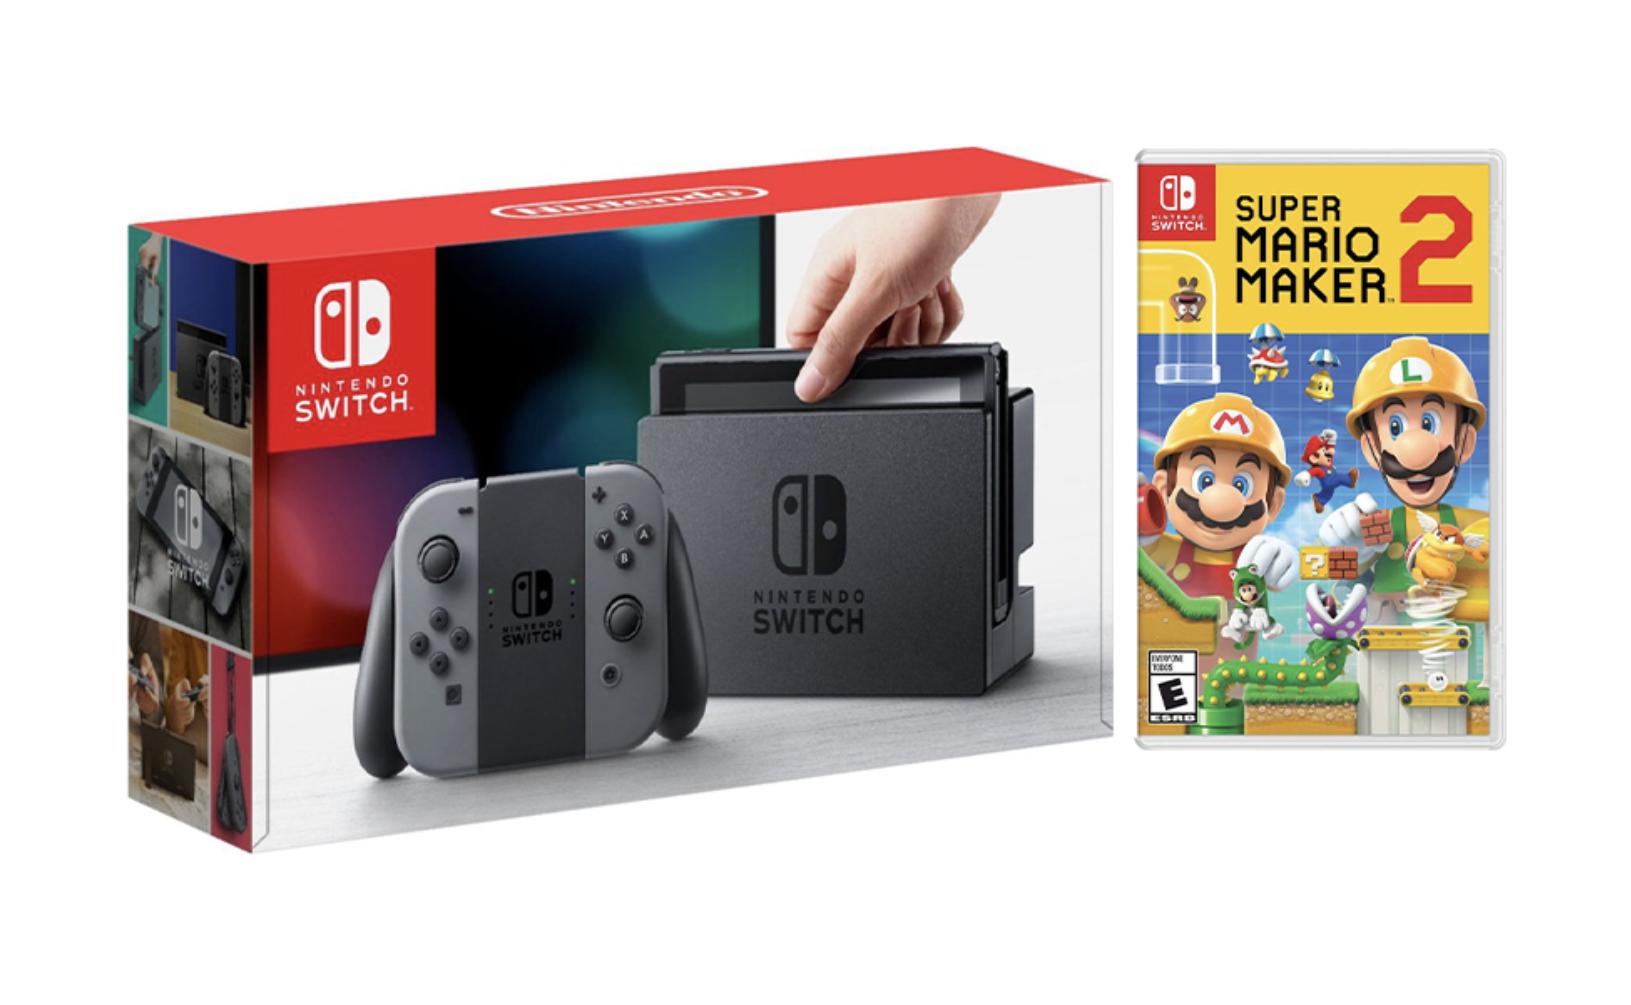 Nintendo Switch Gray Joy-Con Console Bundle with Super Mario Maker 2